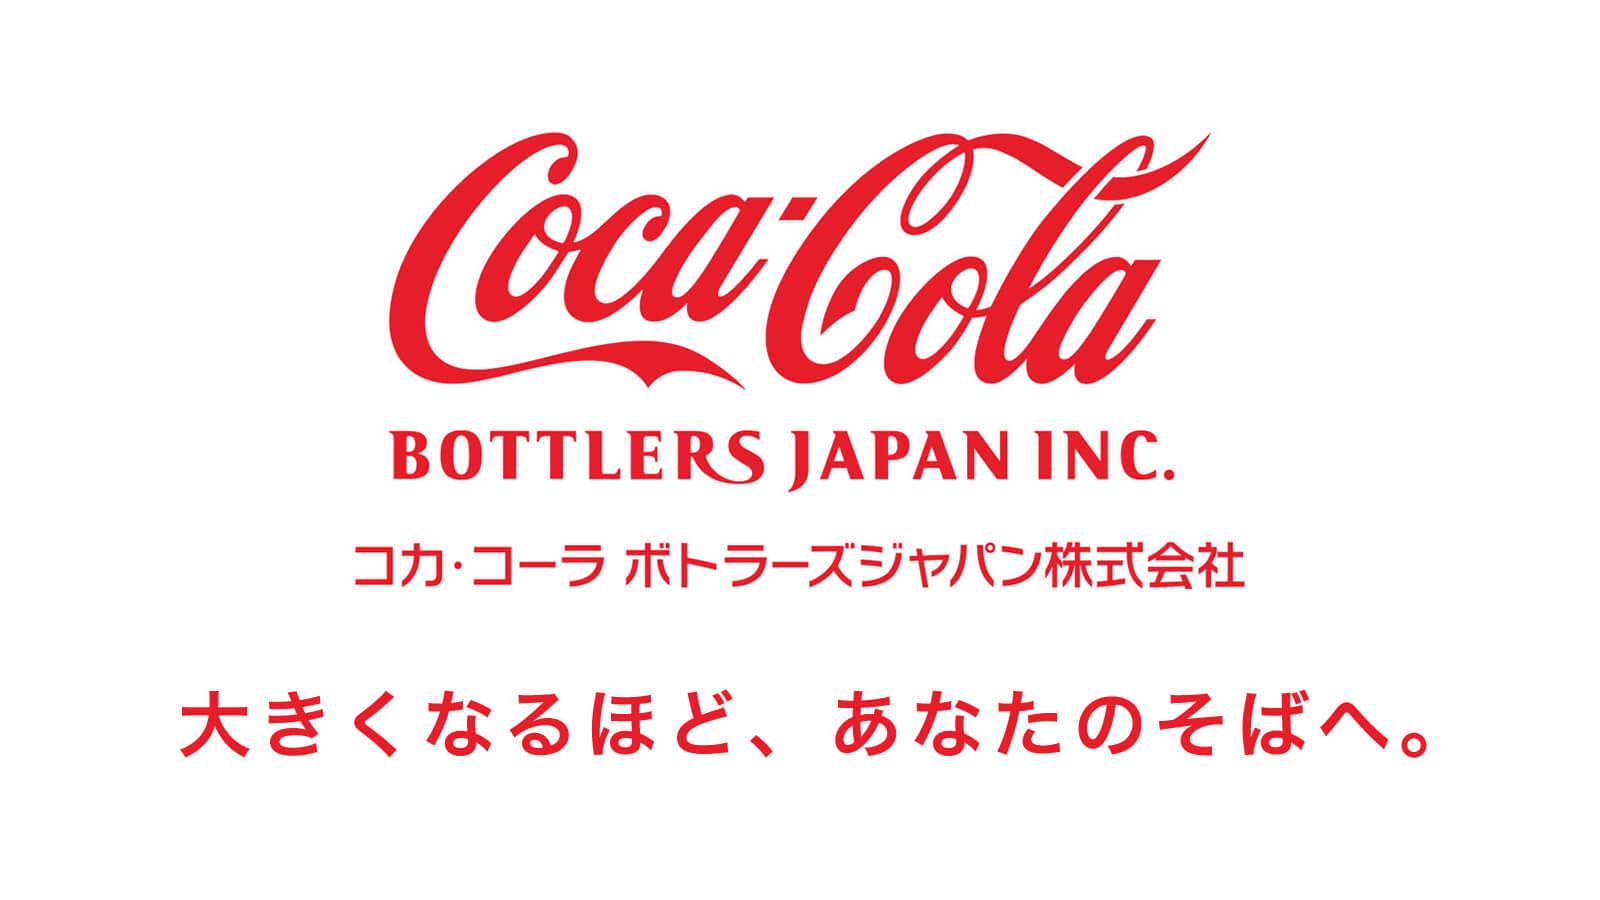 コカ・コーラ ボトラーズジャパン株式会社お取引希望のお客さまへ工場見学を実施している工場ニュース